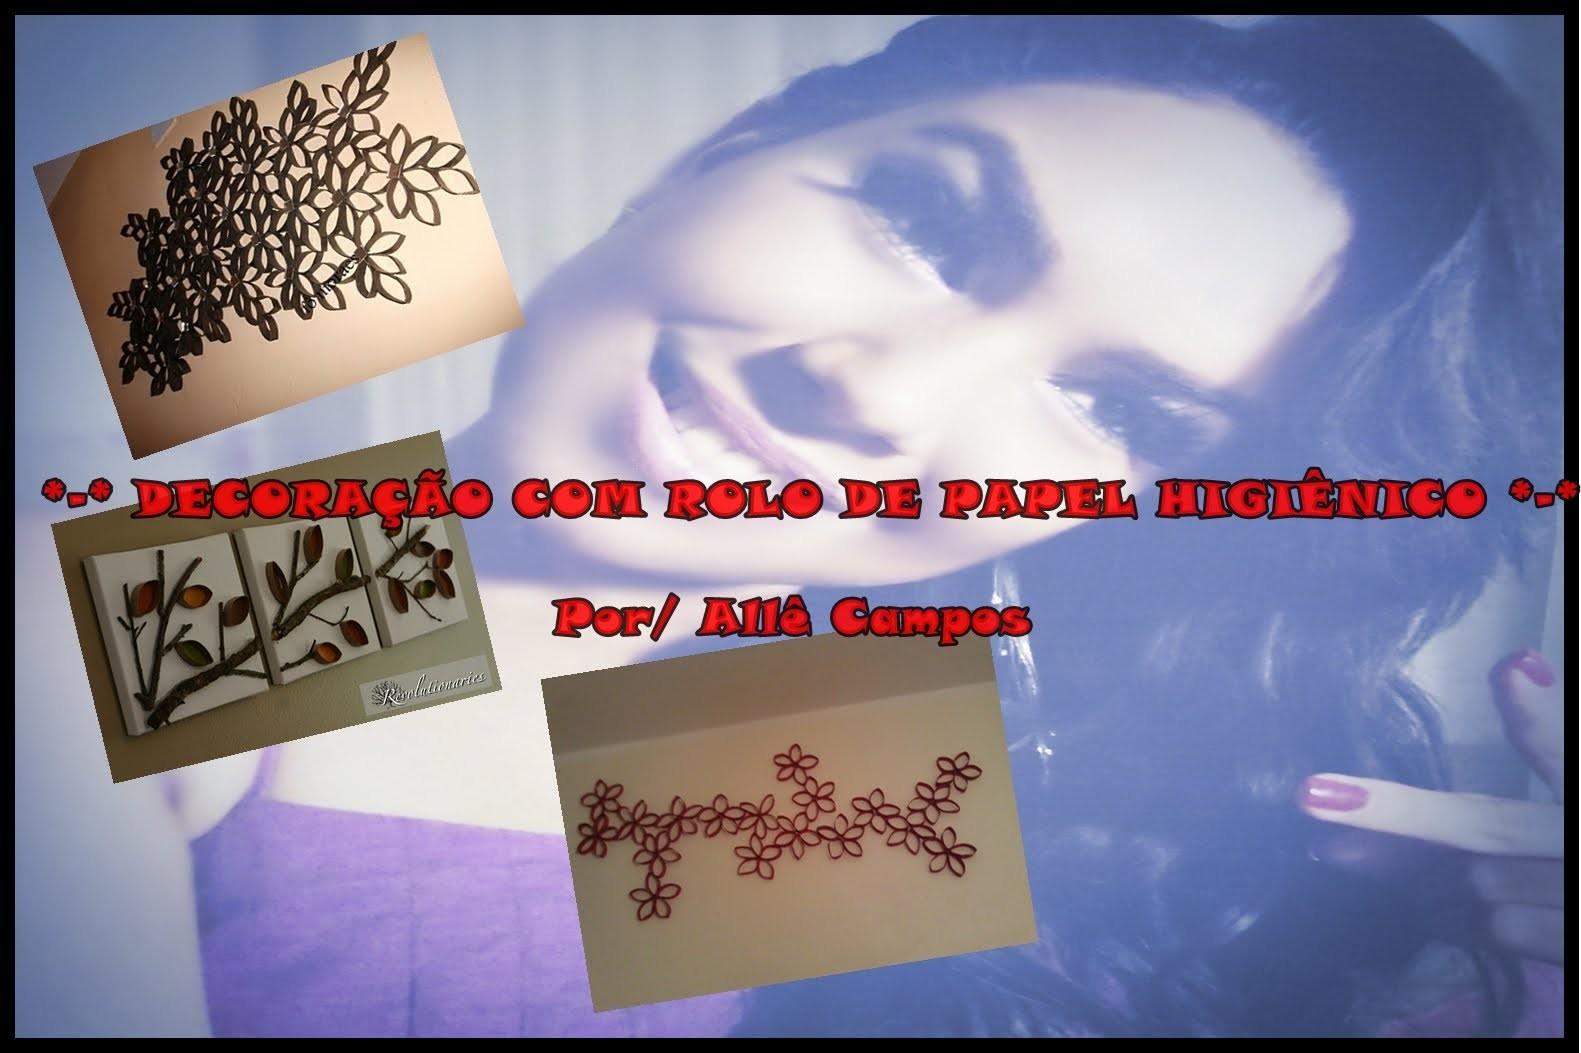 *-* ARTESANATO COM ROLO DE PAPEL HIGIÊNICO *-* Por Allê Campos